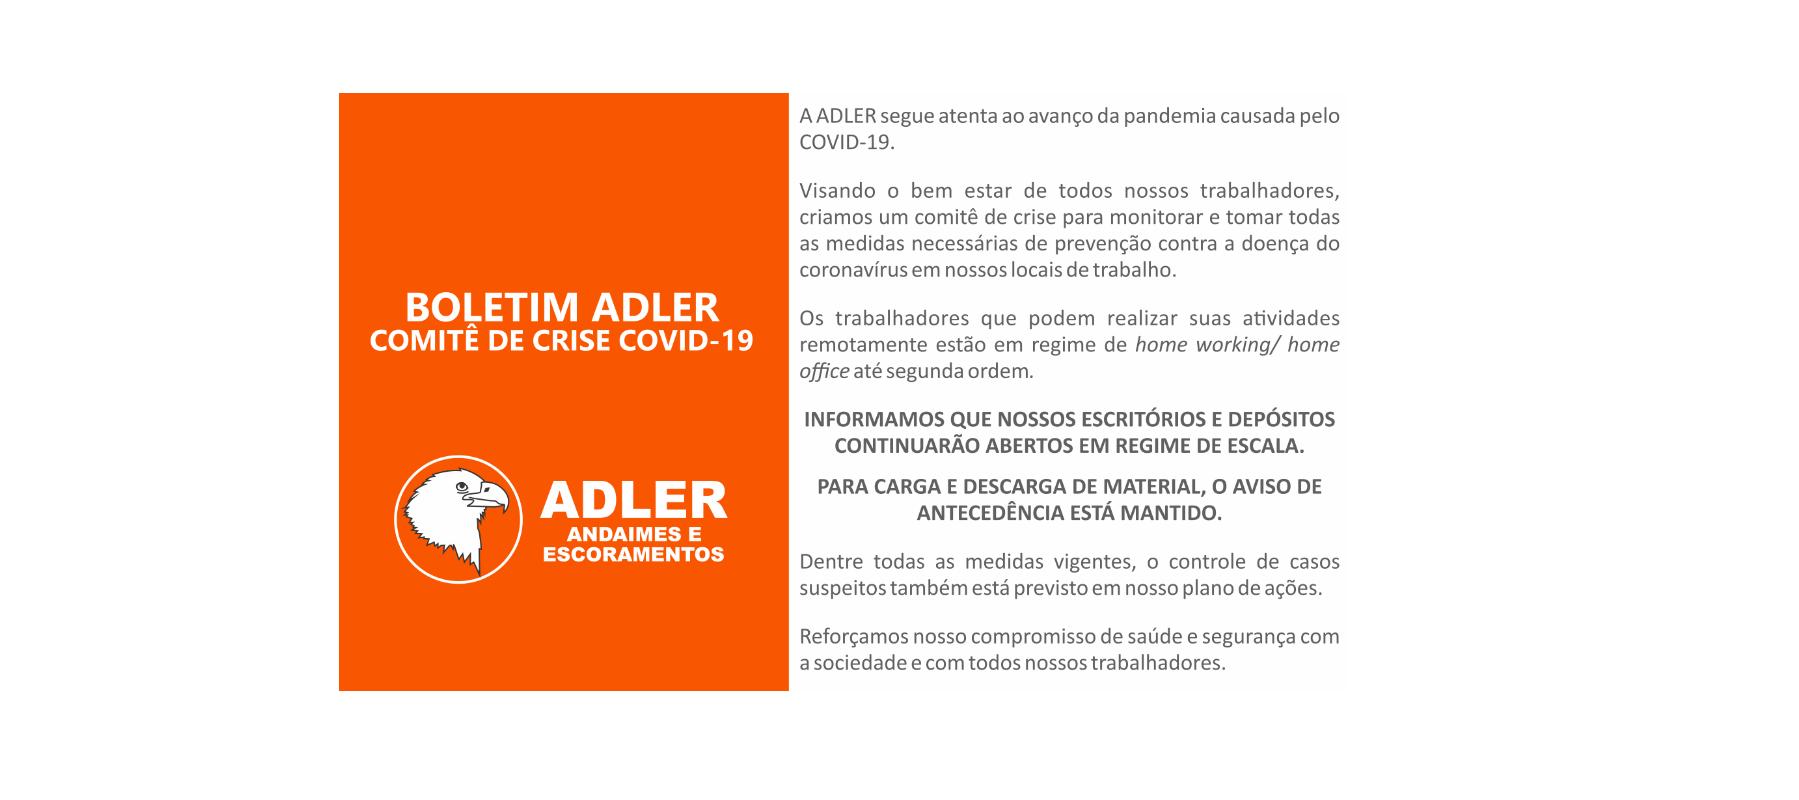 http://adlerandaimes.com.br/